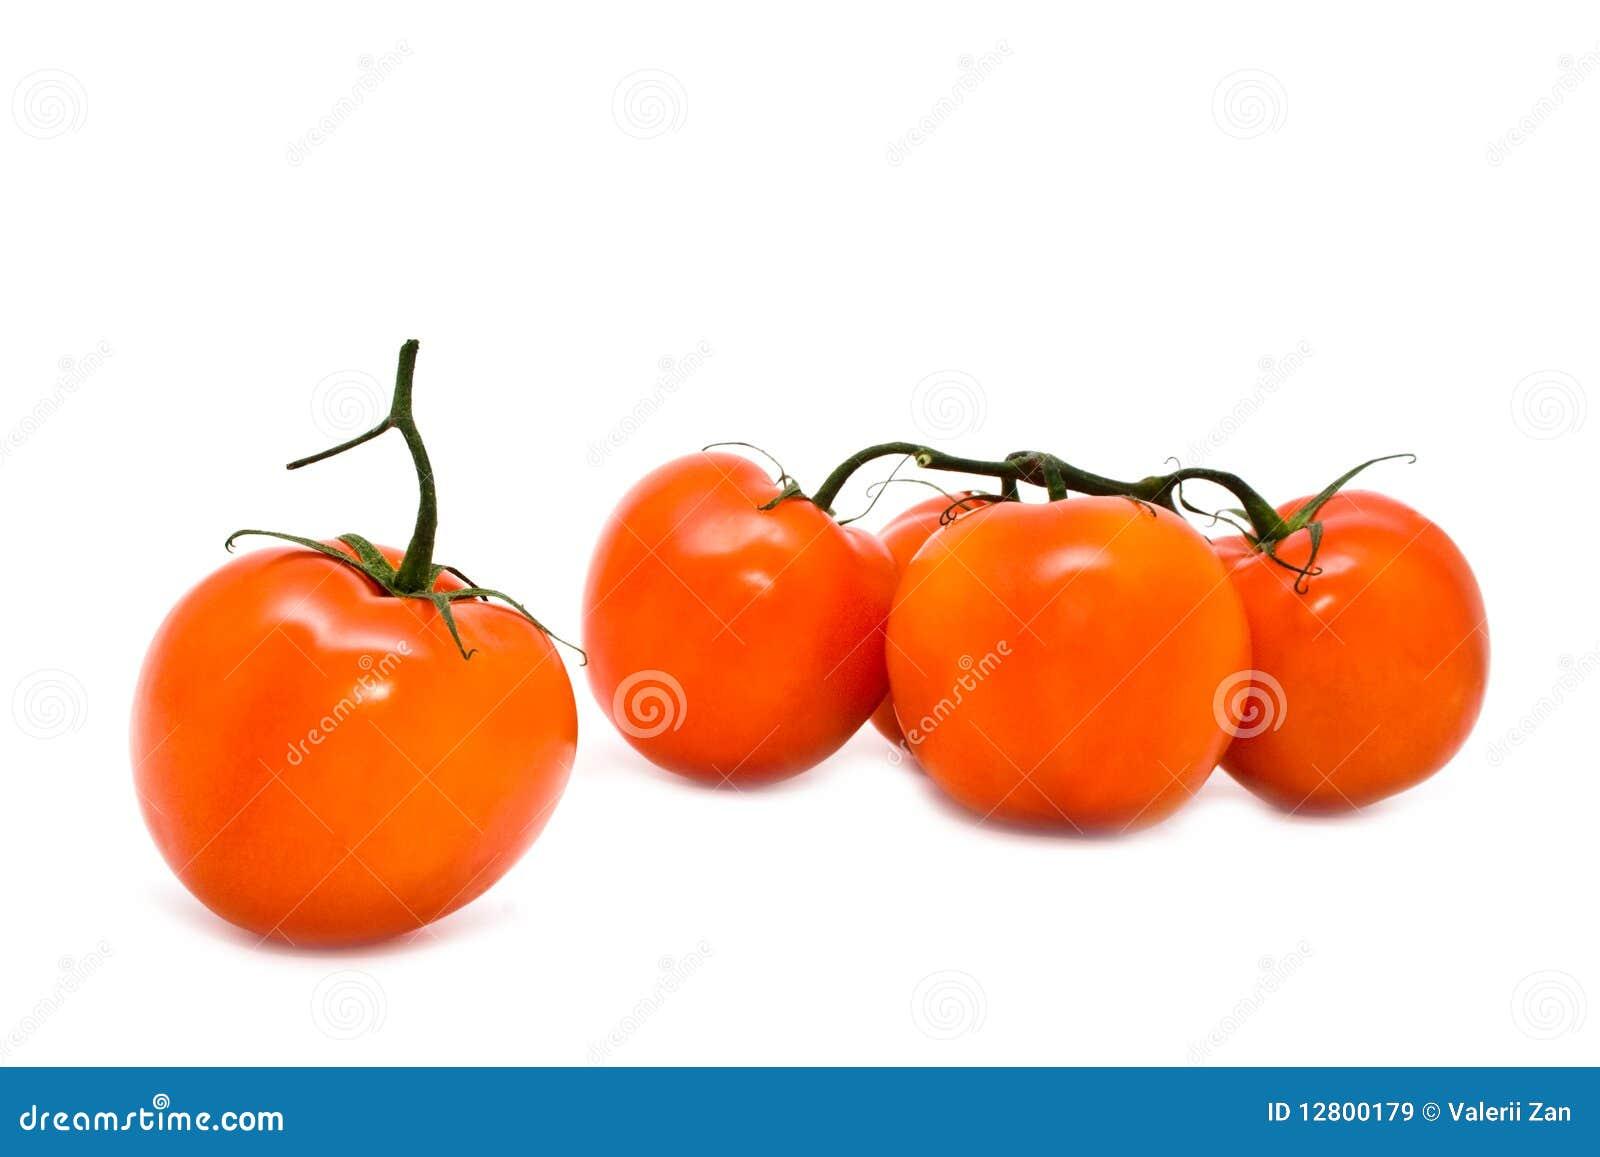 Grupo de tomates suculentos vermelhos